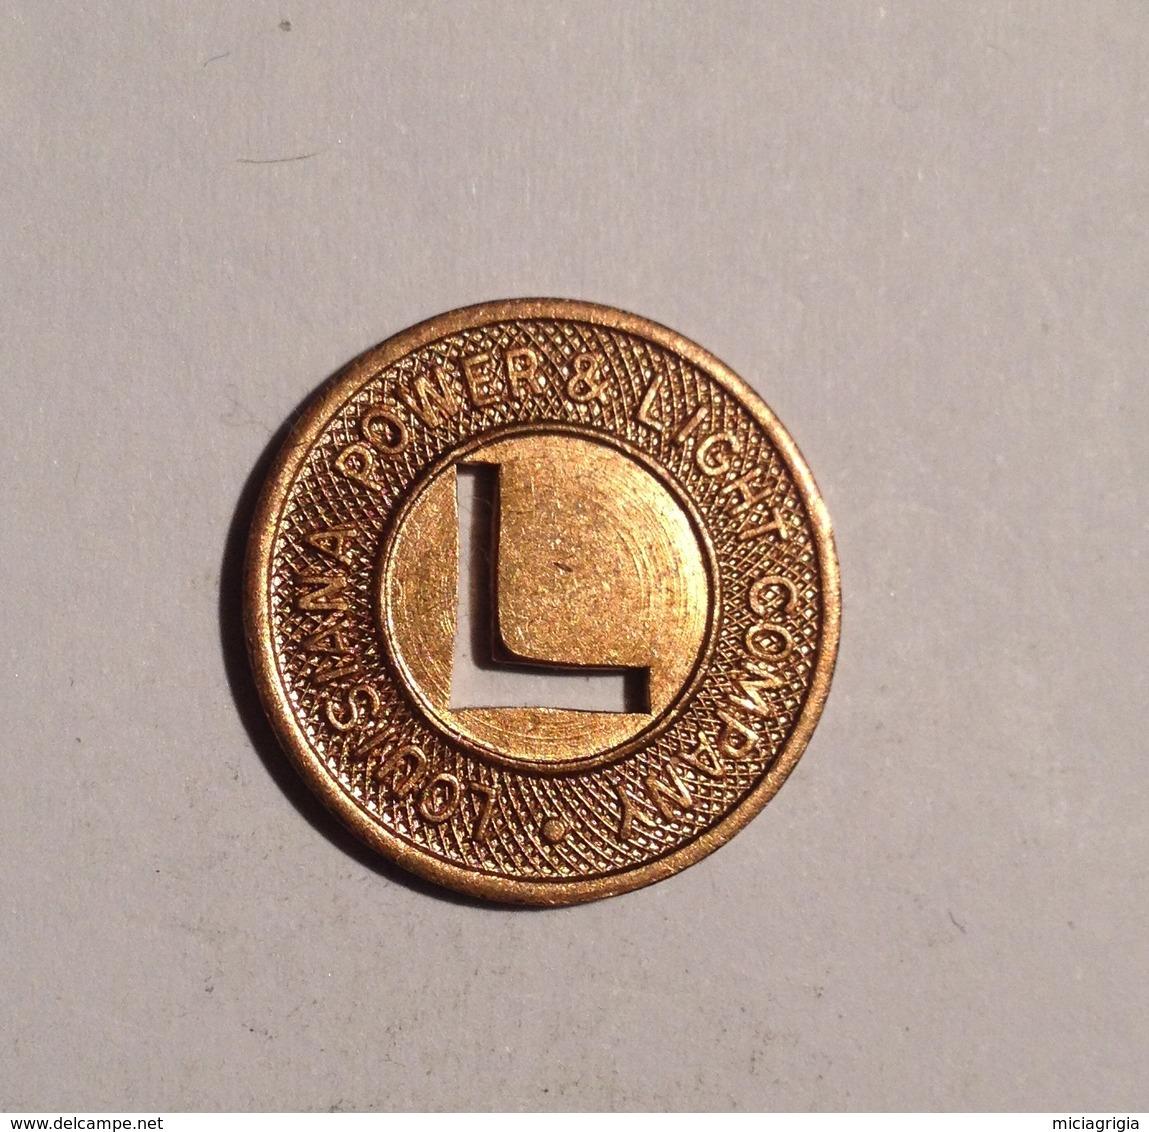 TOKEN JETON GETTONE TRASPORTO TRANSIT LOUISIANA ONE EXPREES FARE - Monetari/ Di Necessità